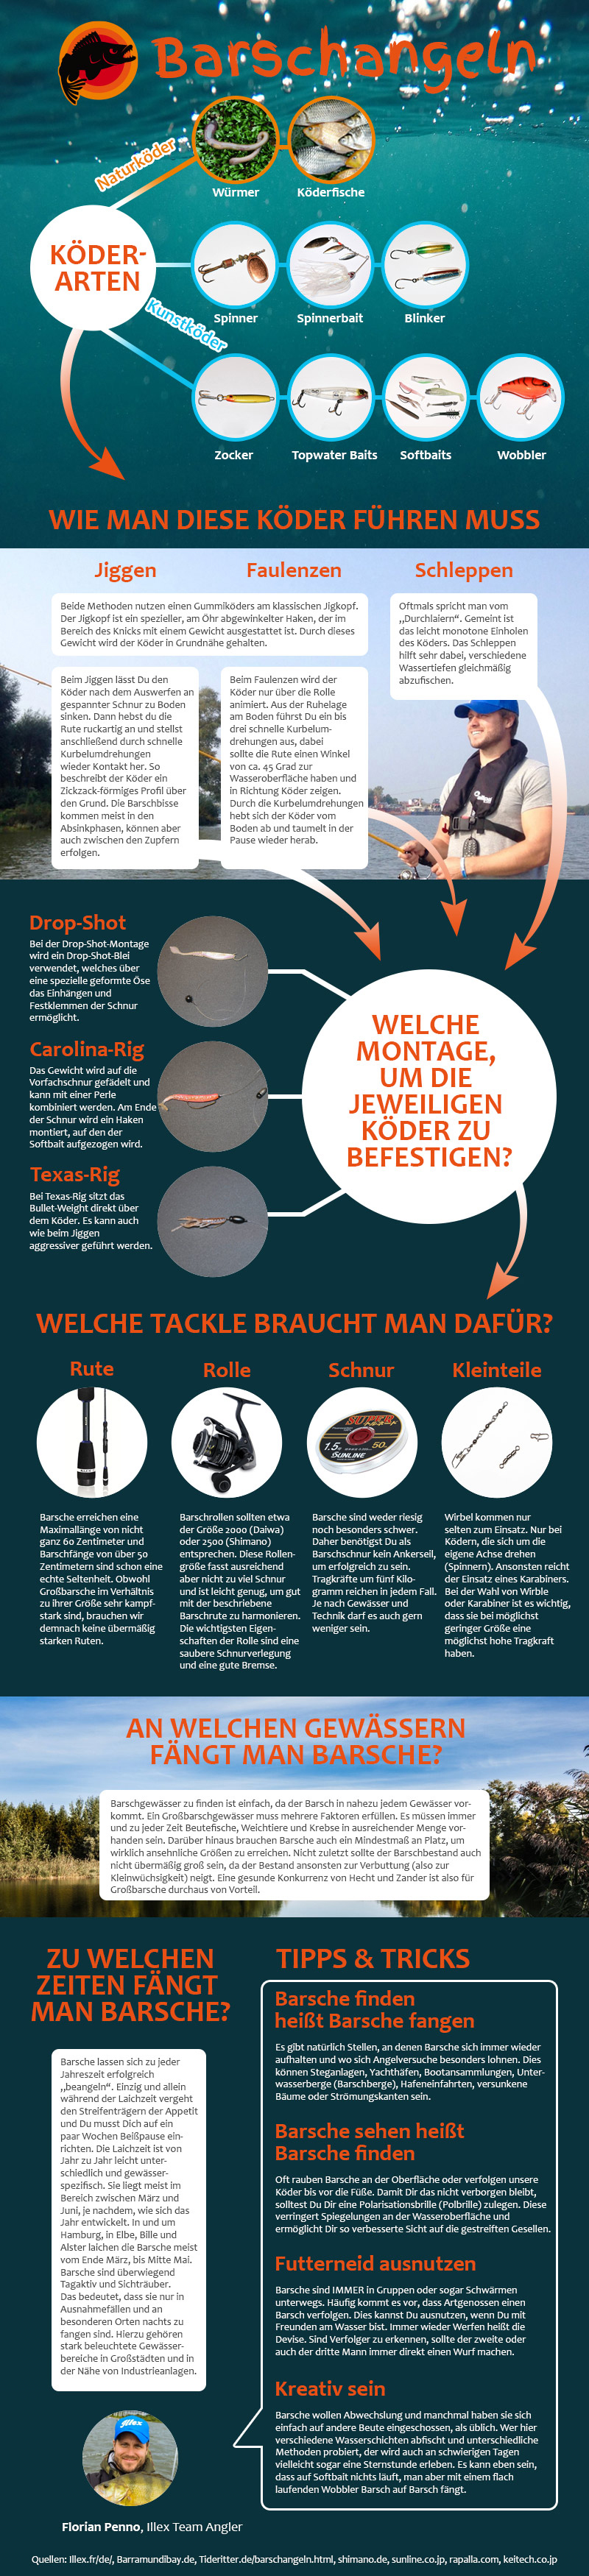 Infografik zum Barschangeln für Einsteiger